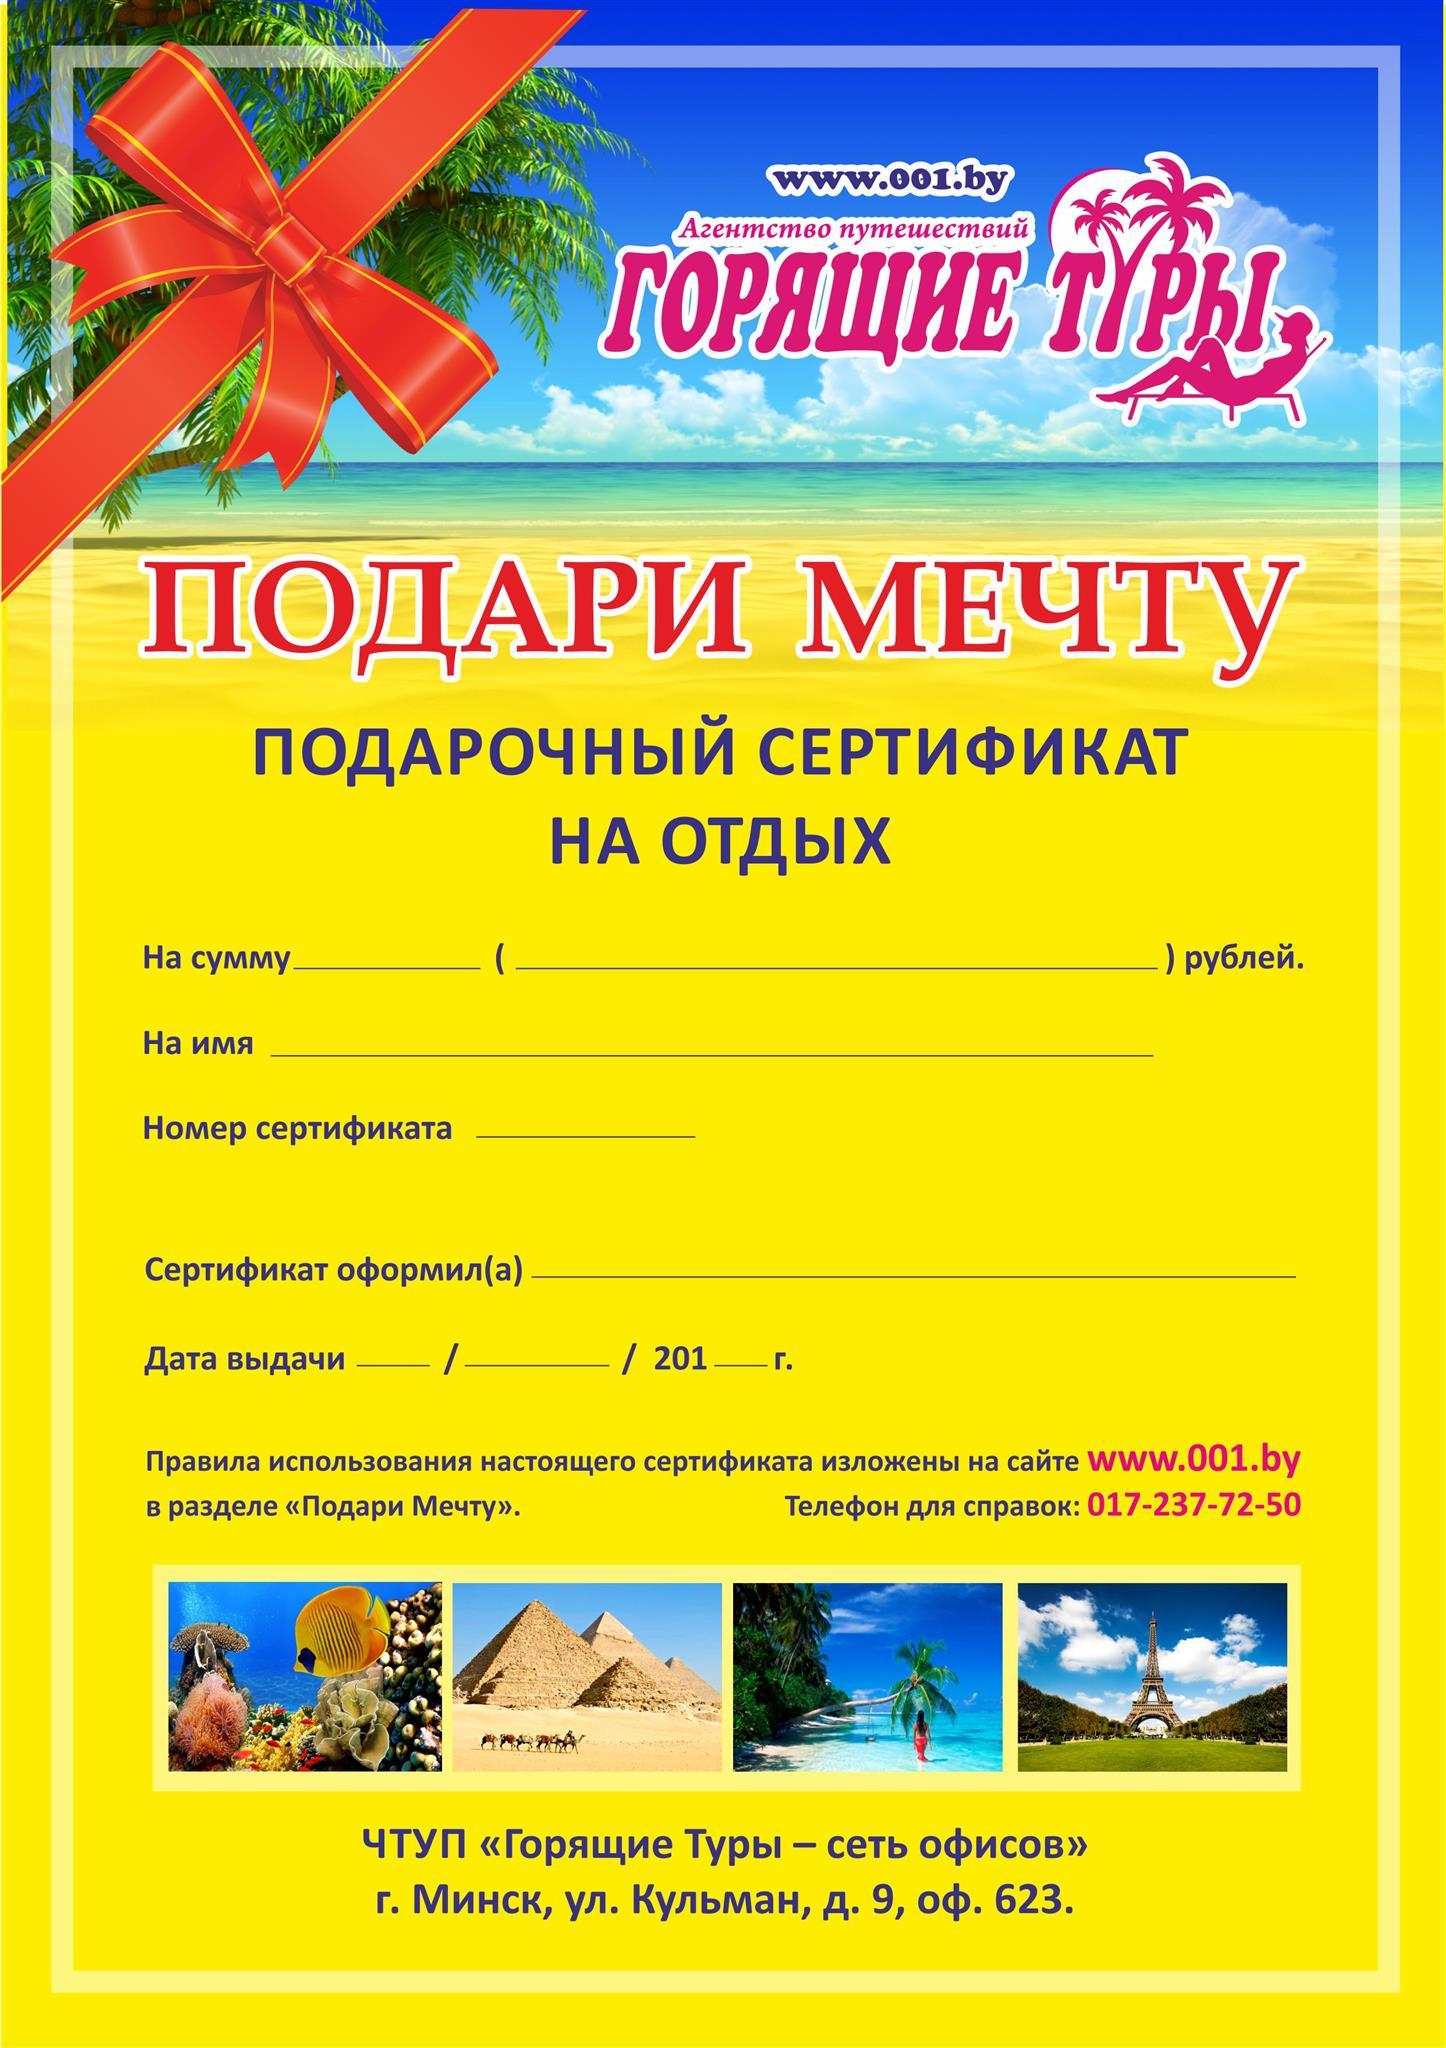 Подарочный сертификат на отдых